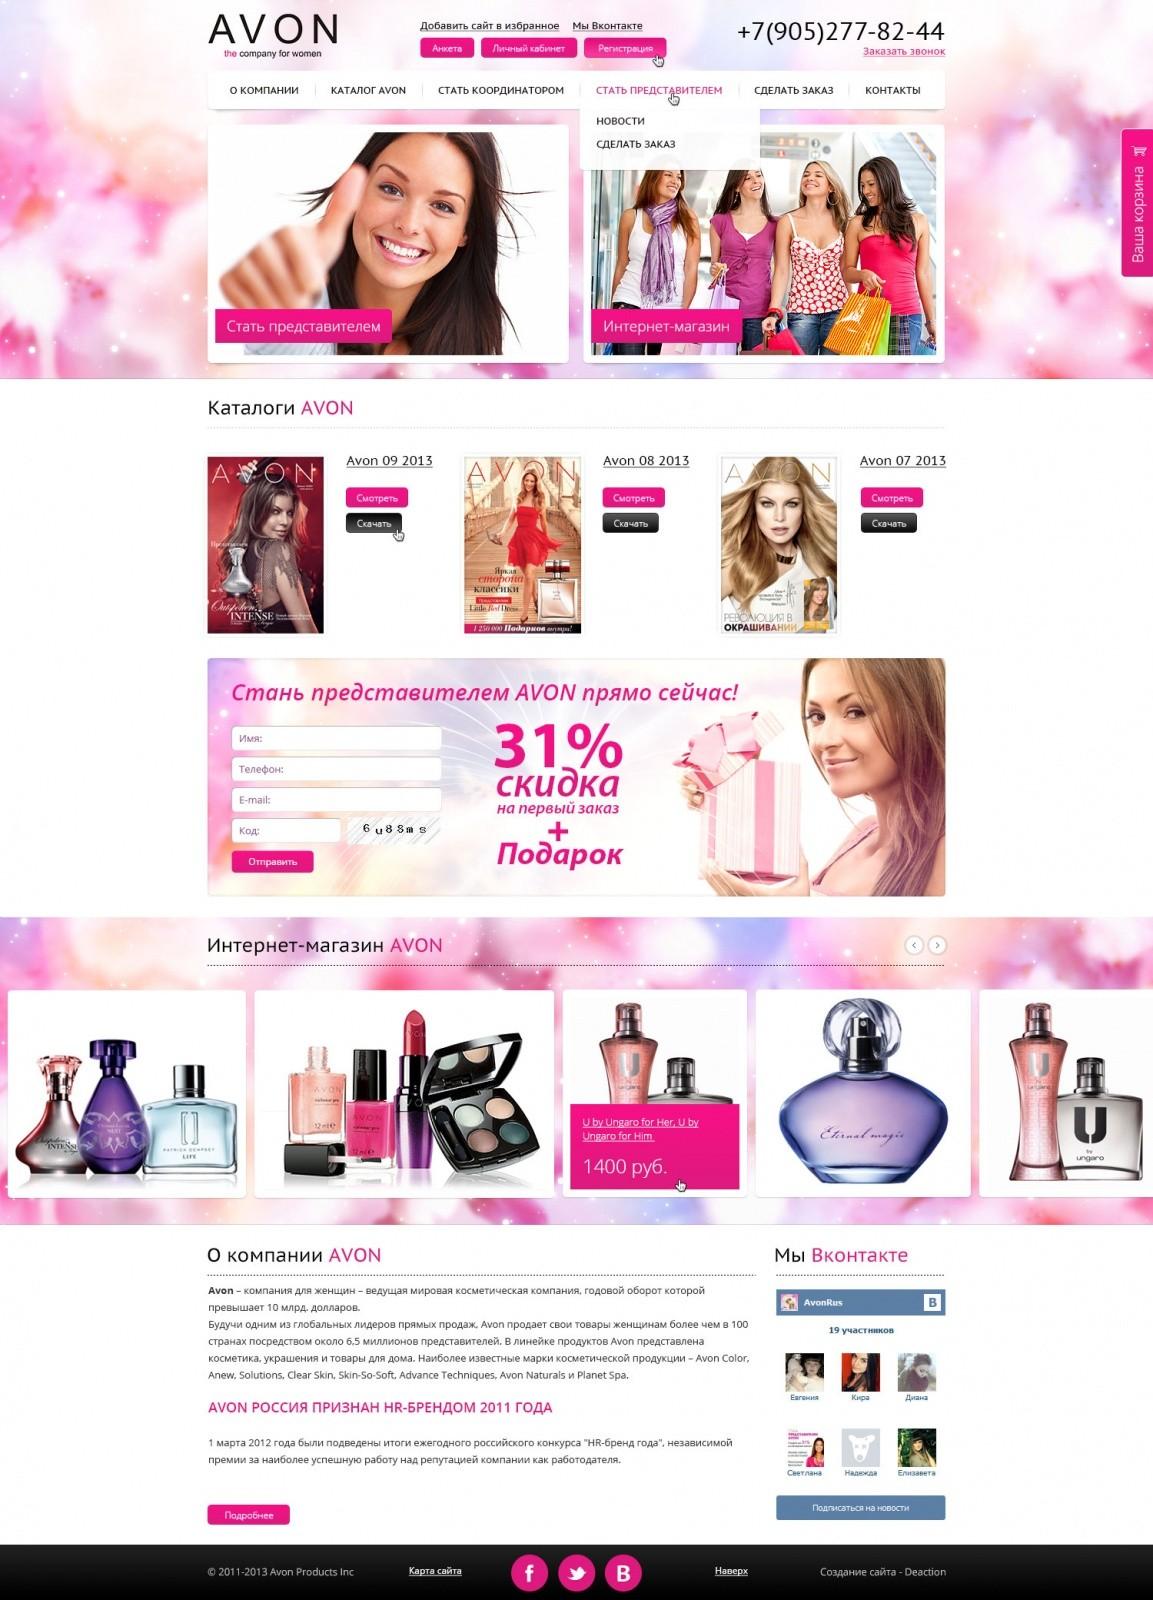 Создание сайта представителя Avon